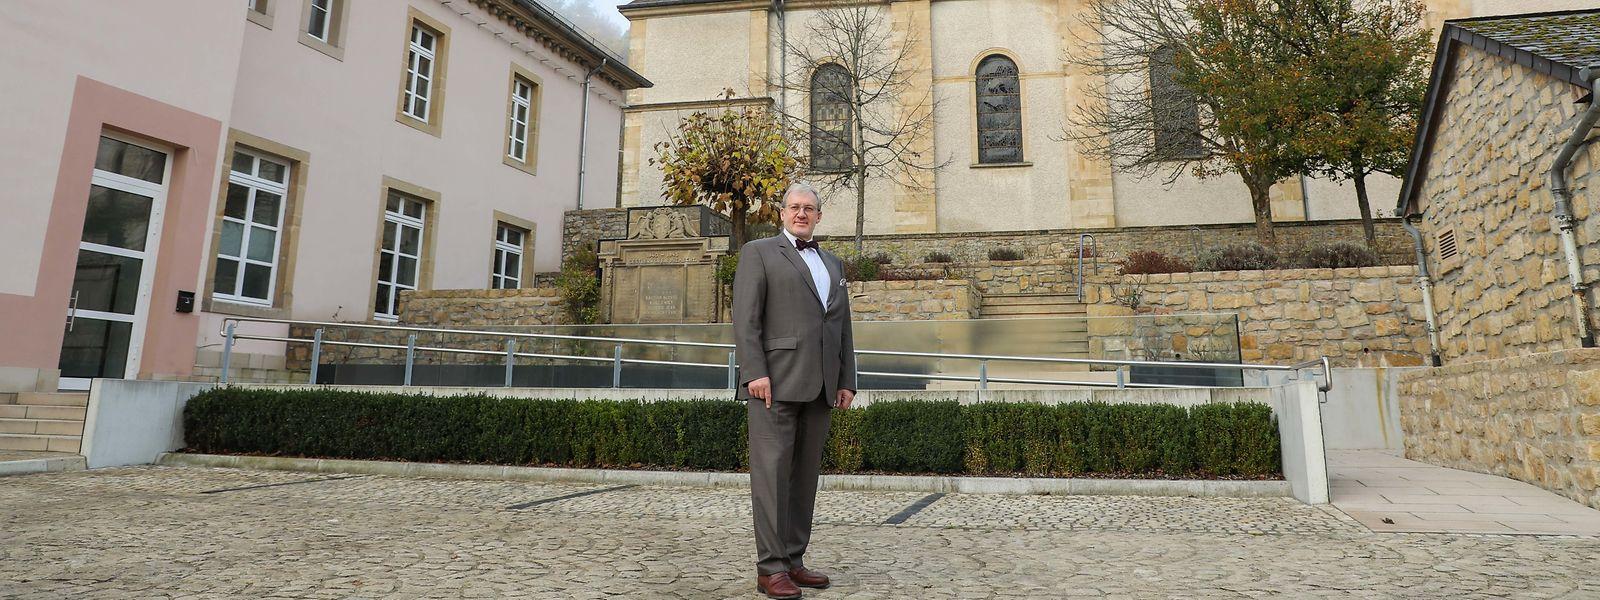 Am Freitag kommender Woche wird Thierry Schuman im Innenministerium als neuer Bürgermeister der 4.100-Einwohner-Gemeinde Kopstal vereidigt.